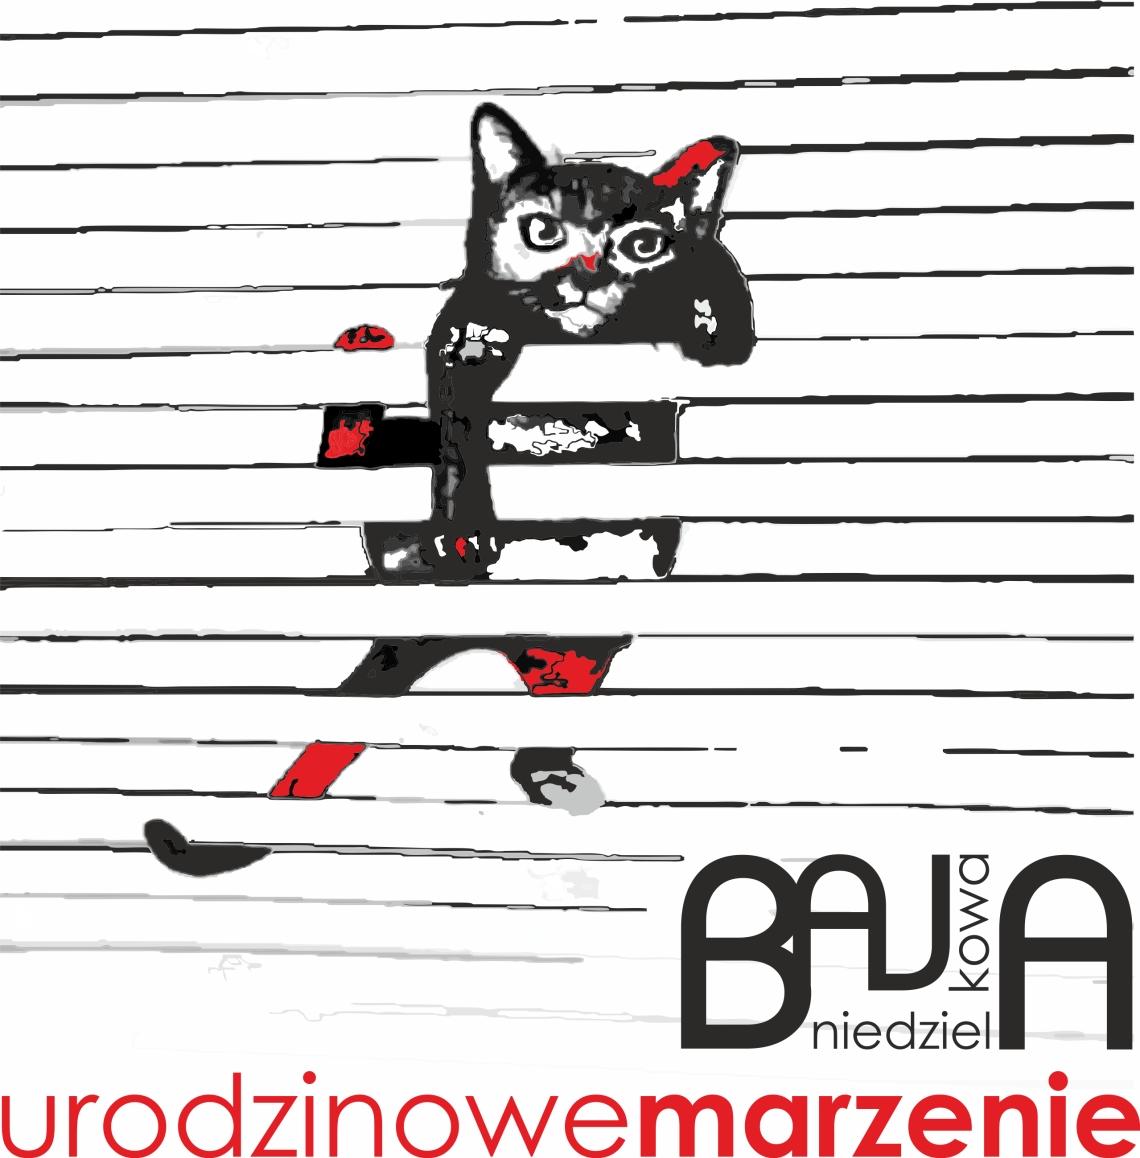 Na_strone_bajkowa_niedziela